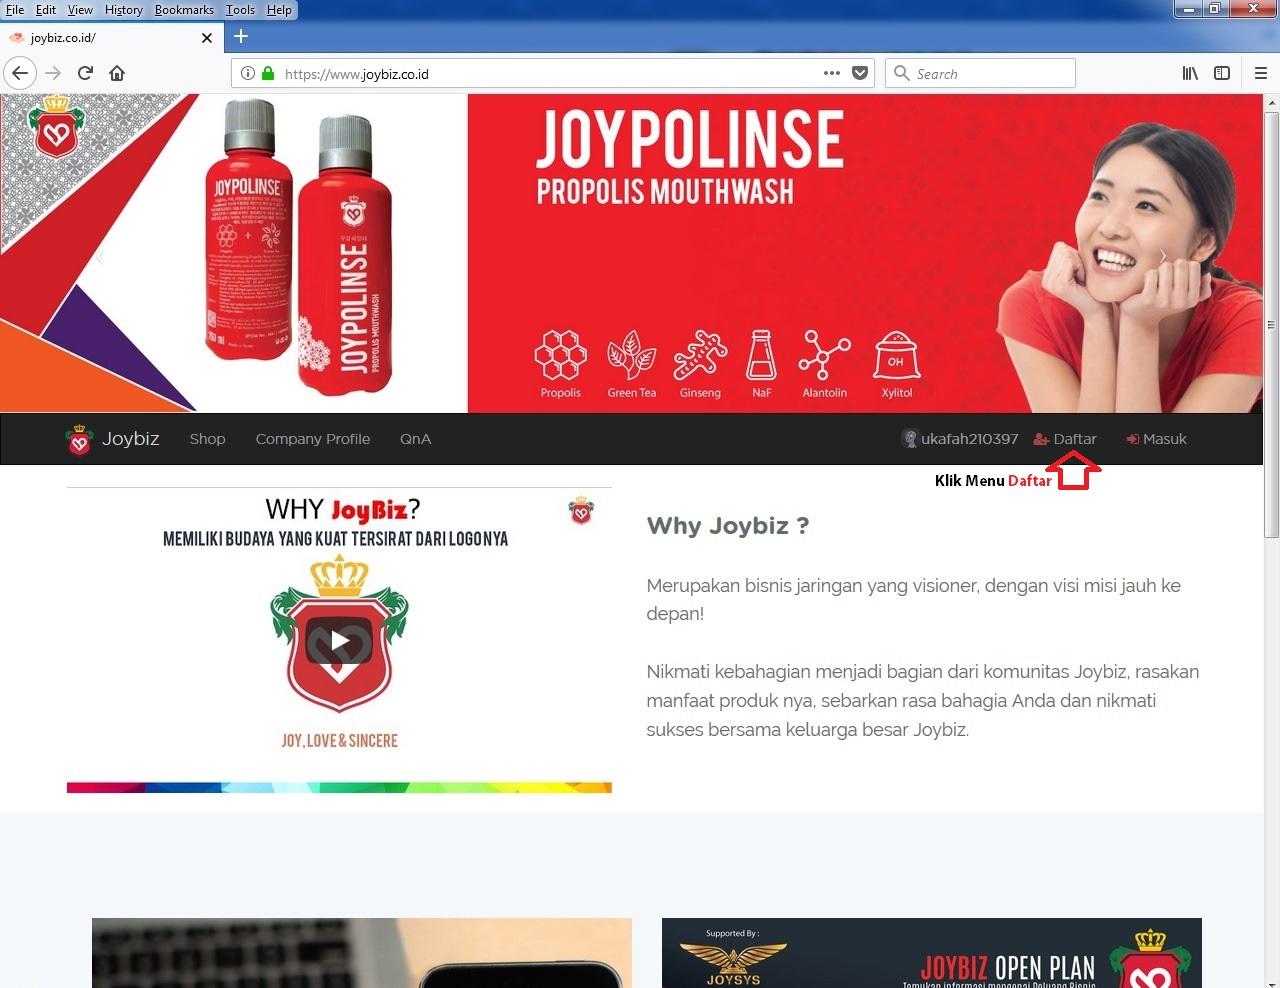 Menu Daftar di Website Resmi Joybiz